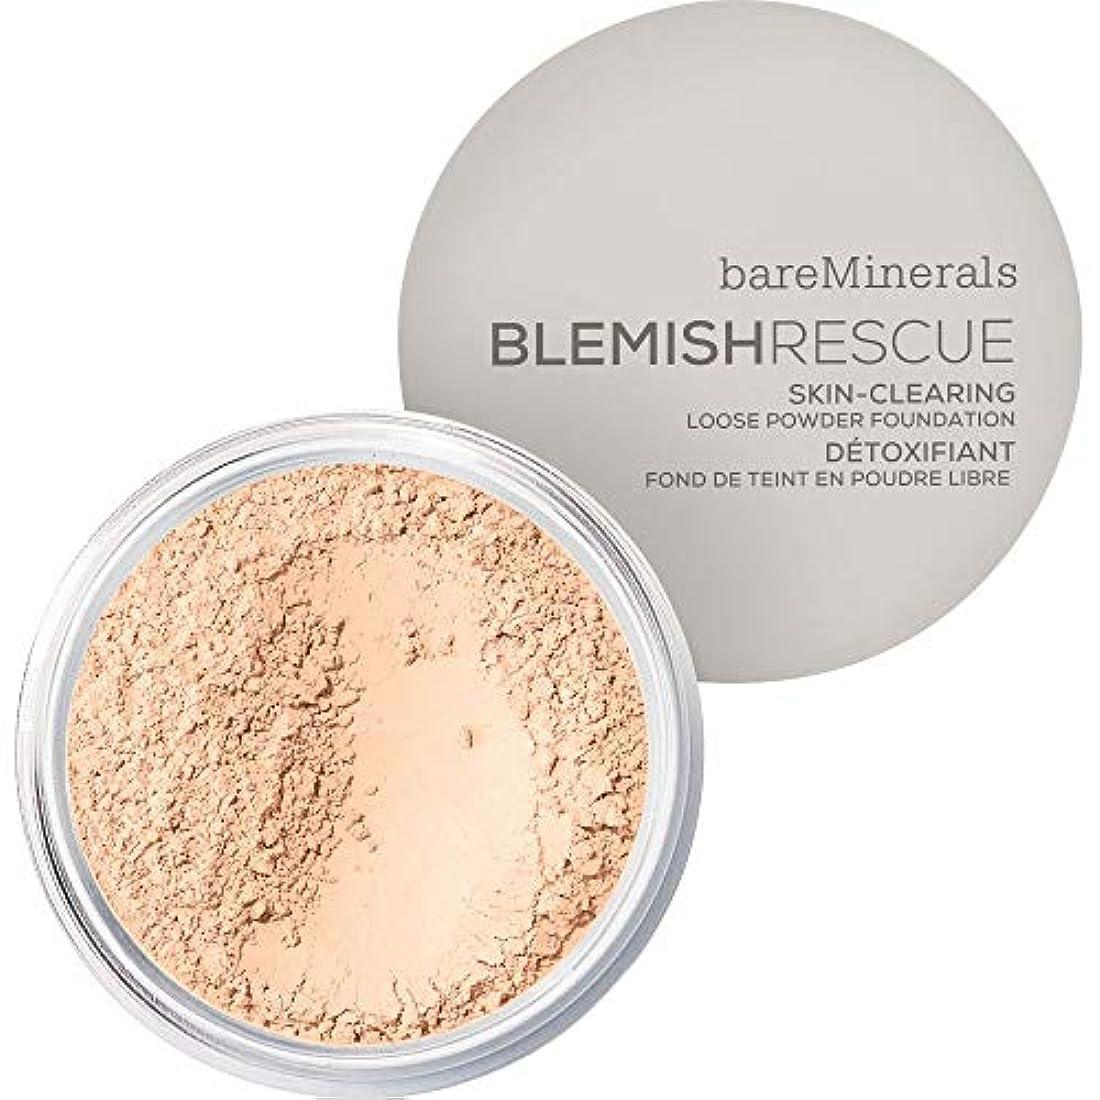 翻訳する不完全野生[bareMinerals ] ベアミネラルは、レスキュースキンクリア緩いパウダーファンデーション6グラム1Cは傷 - フェア - bareMinerals Blemish Rescue Skin-Clearing Loose Powder Foundation 6g 1C - Fair [並行輸入品]